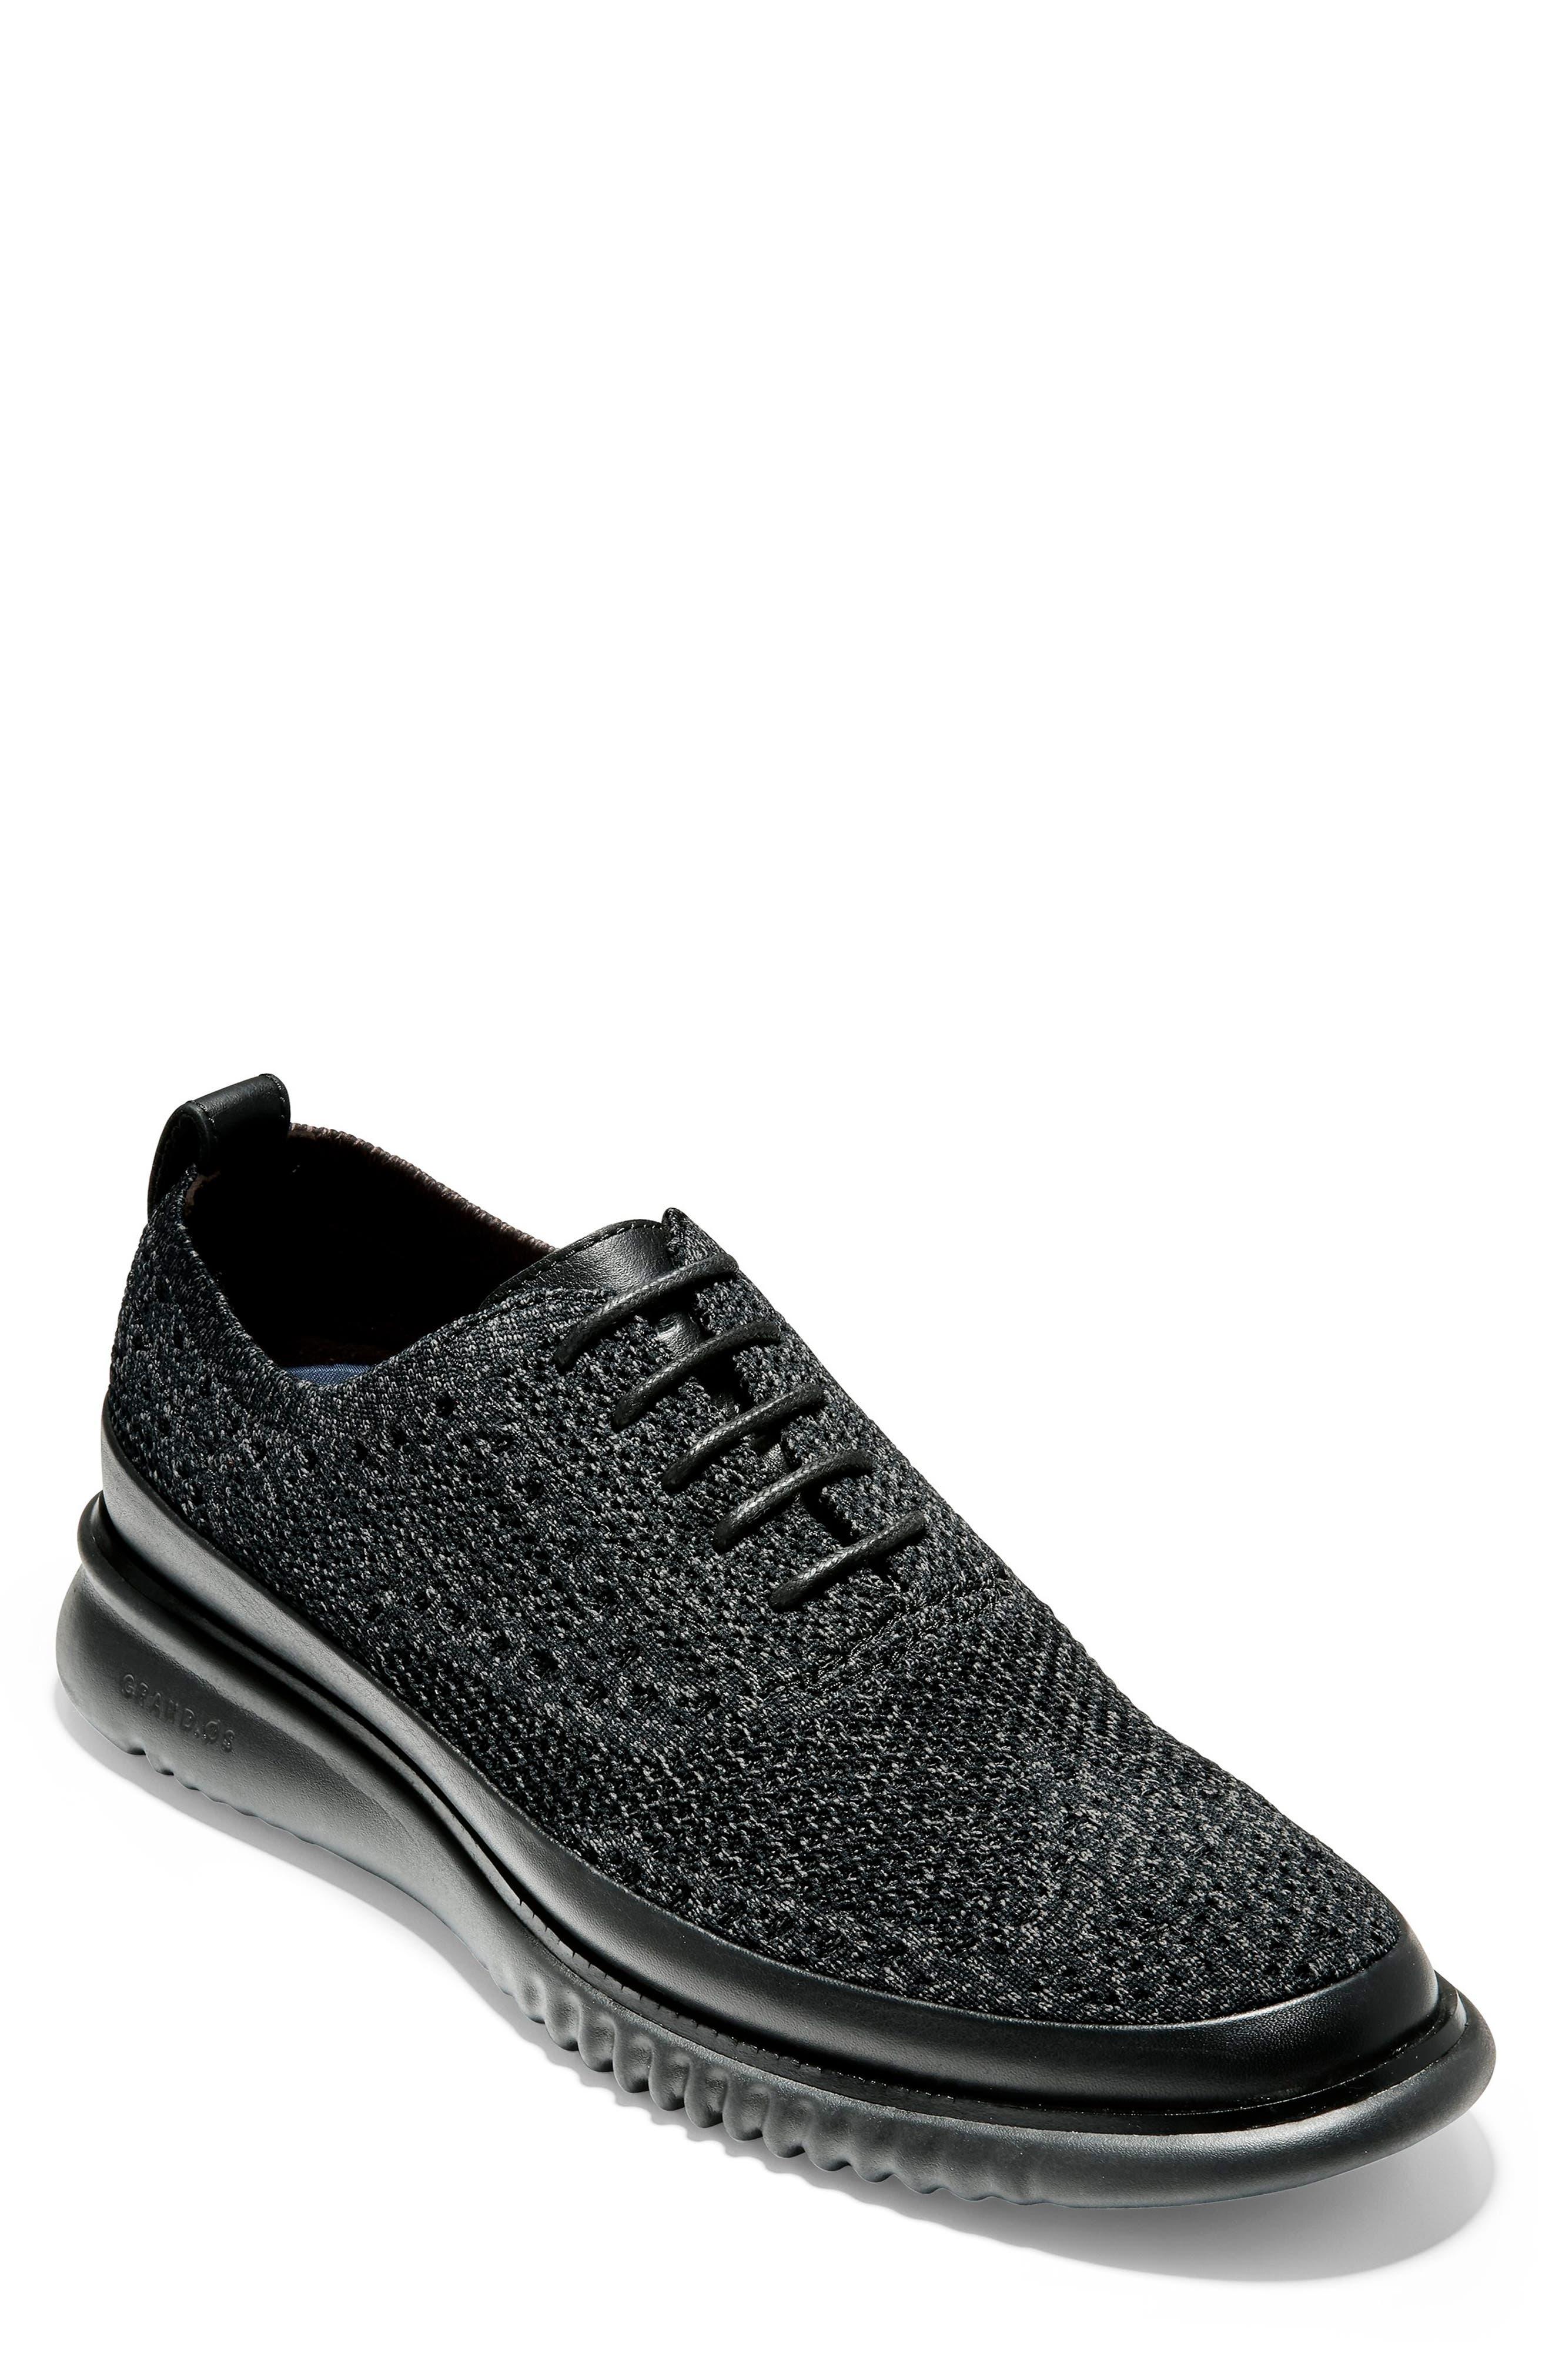 Mens Sale Shoes | USC